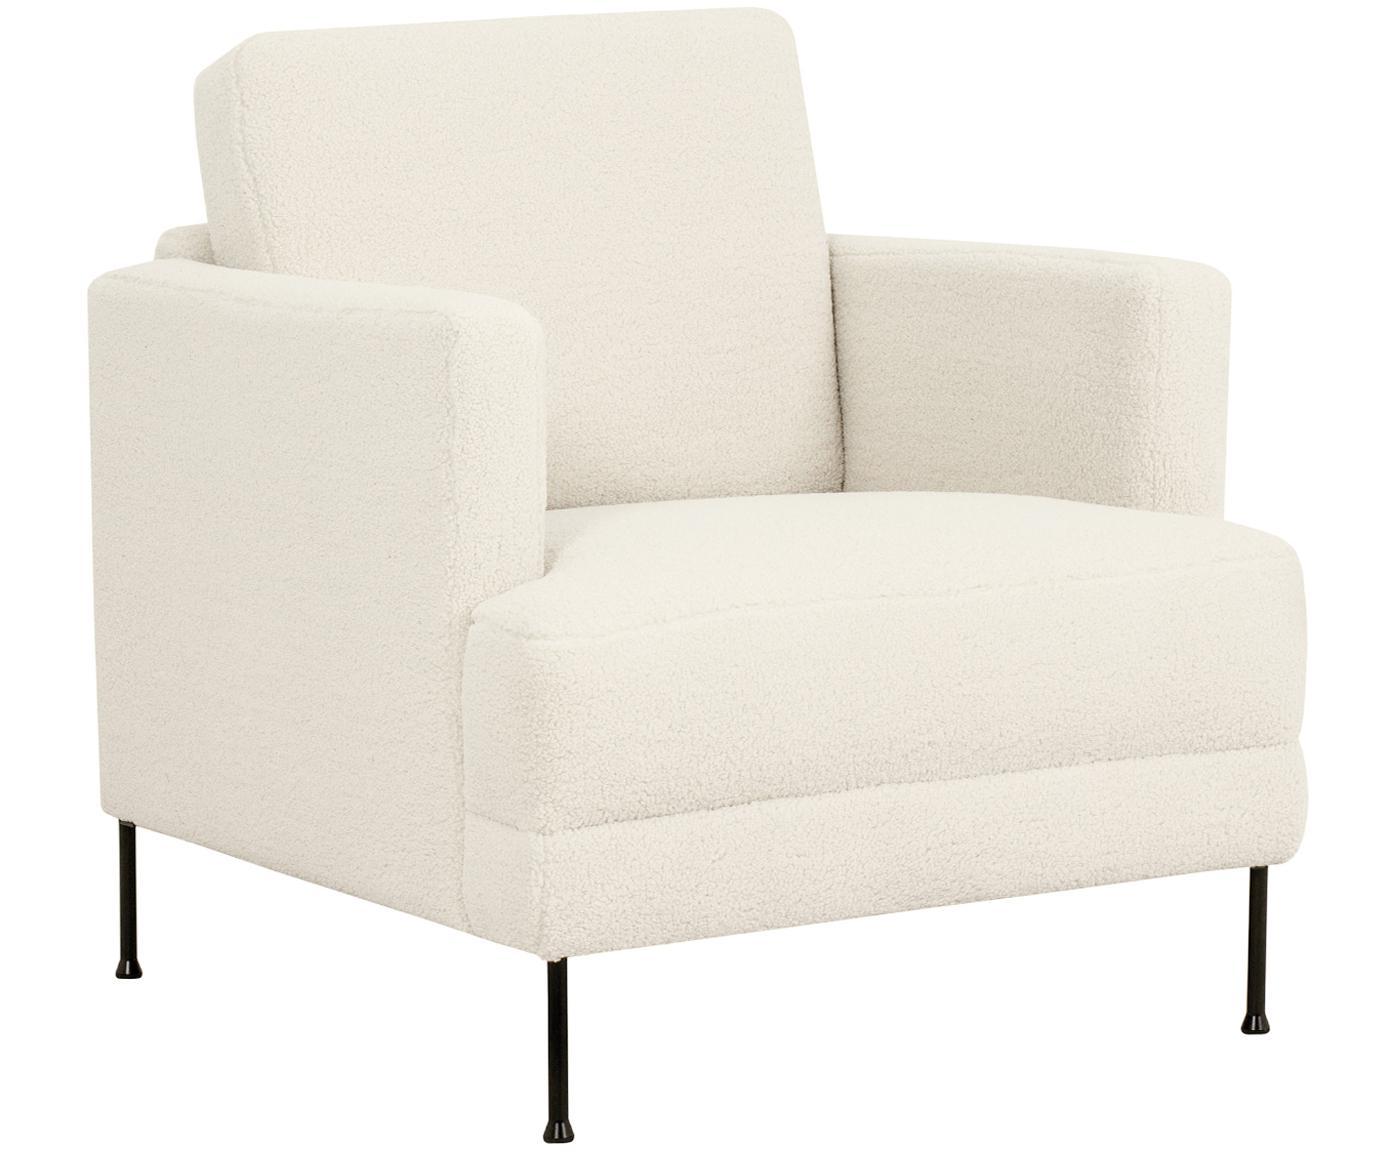 Fotel teddy Fluente, Tapicerka: poliester (futro Teddy) 4, Stelaż: lite drewno sosnowe, Nogi: metal lakierowany, Kremowobiały teddy, S 76 x G 83 cm